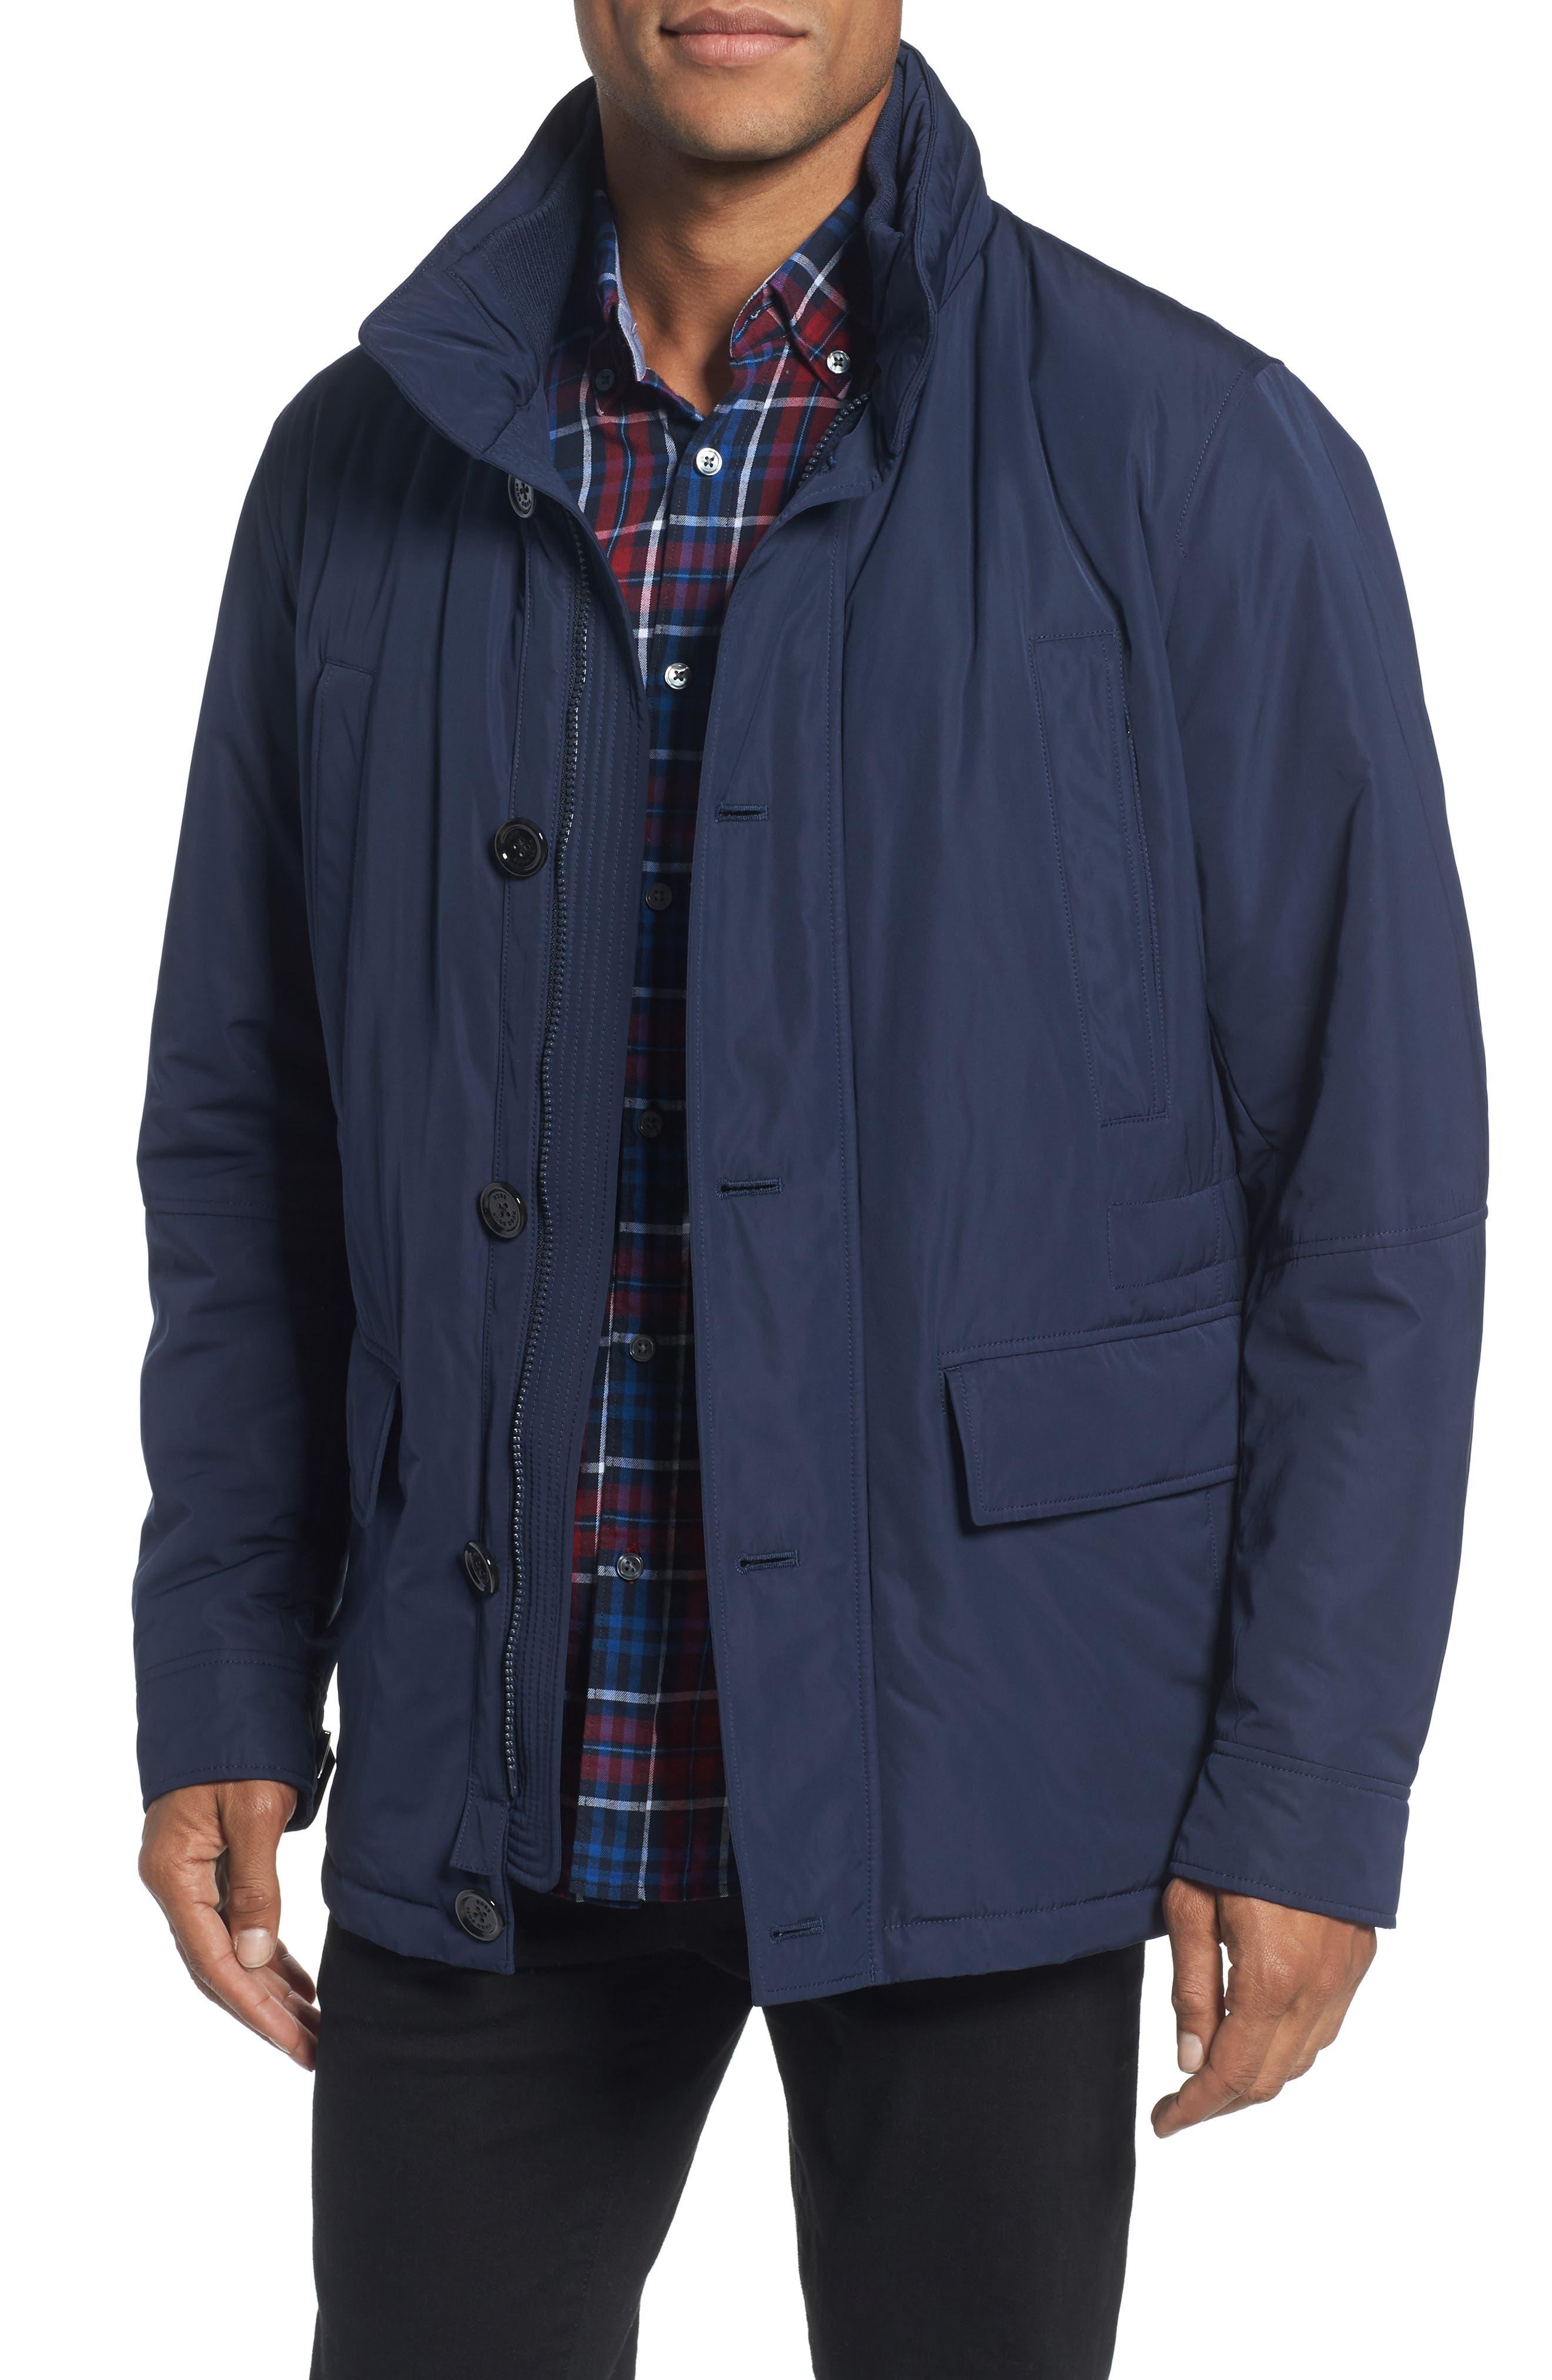 Cento Field Jacket,                         Main,                         color,